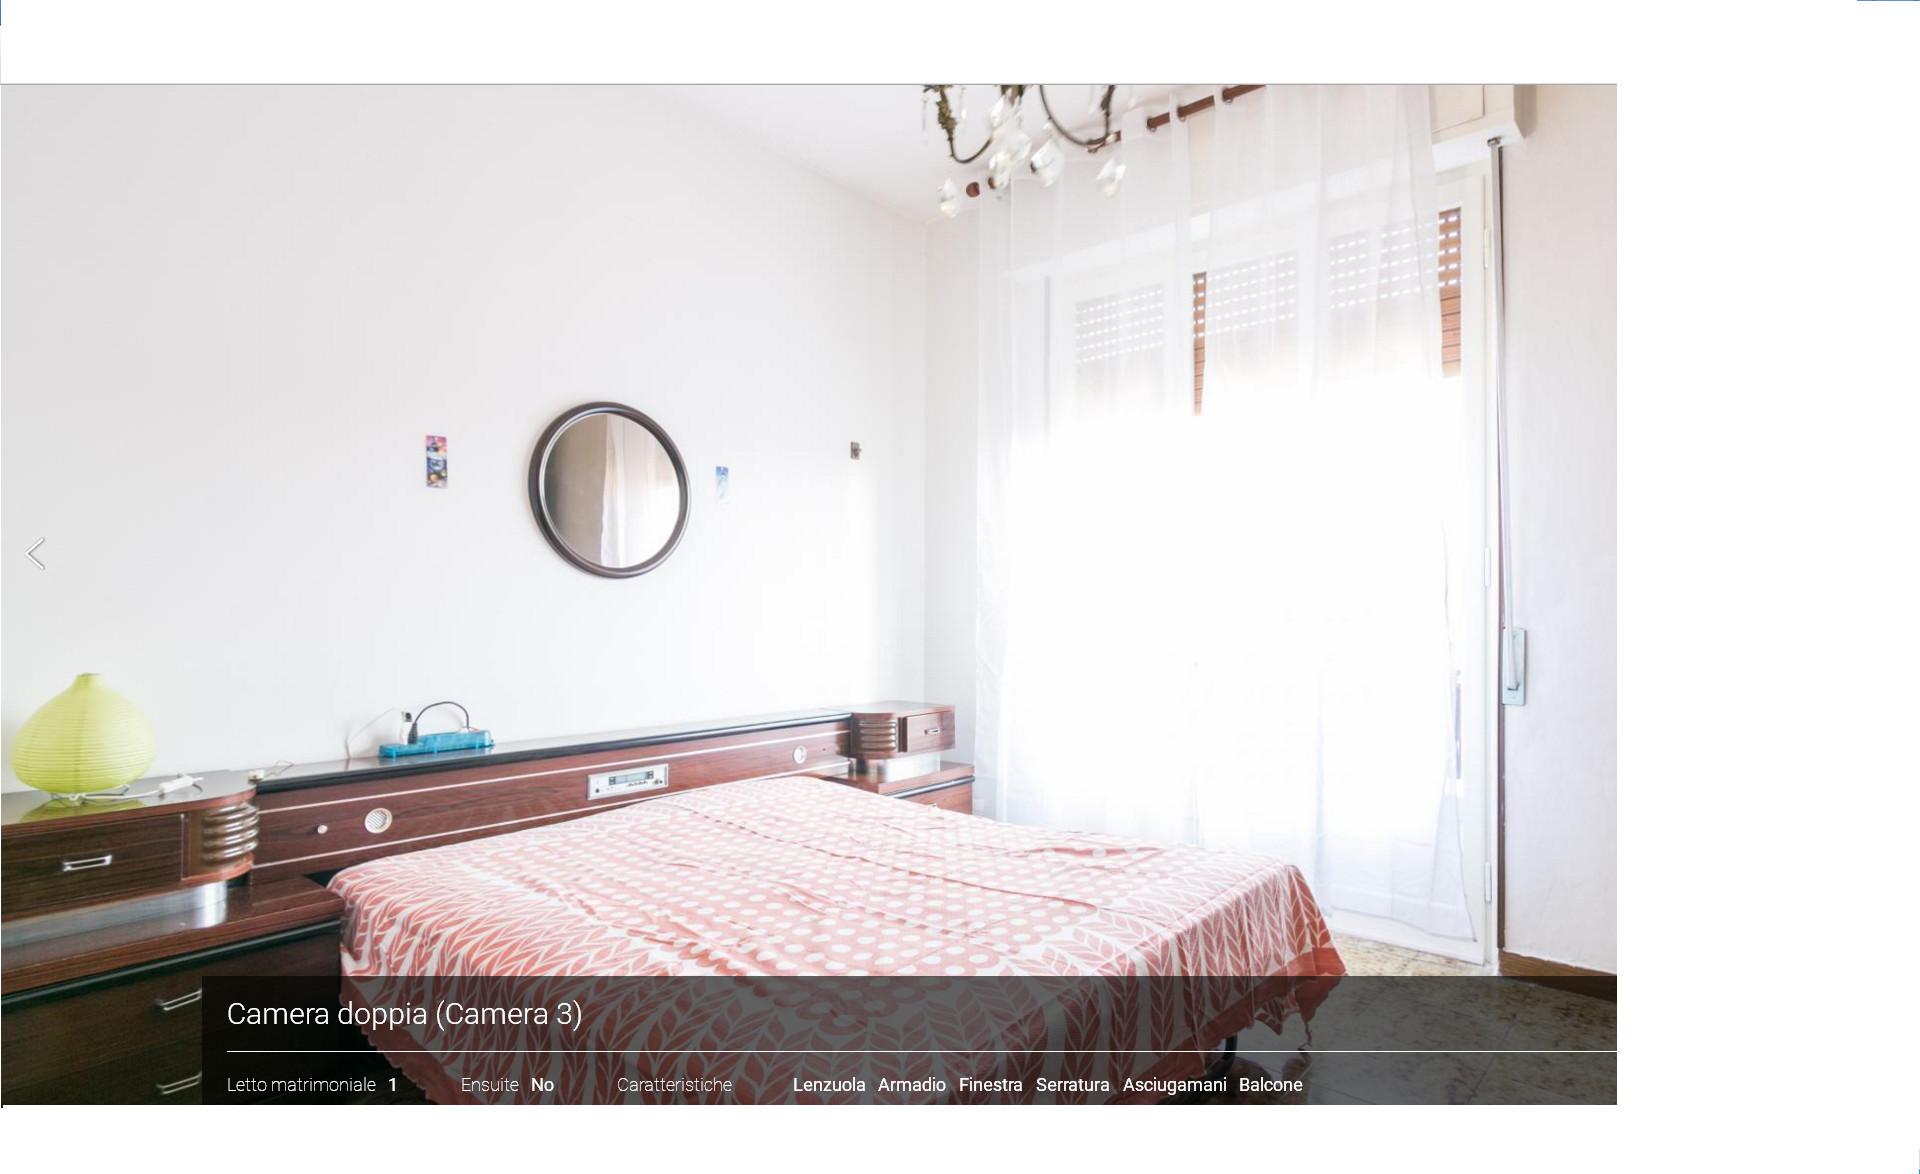 Stanza restaurata 25 mq con letto matrimoniale for Stanza da letto matrimoniale